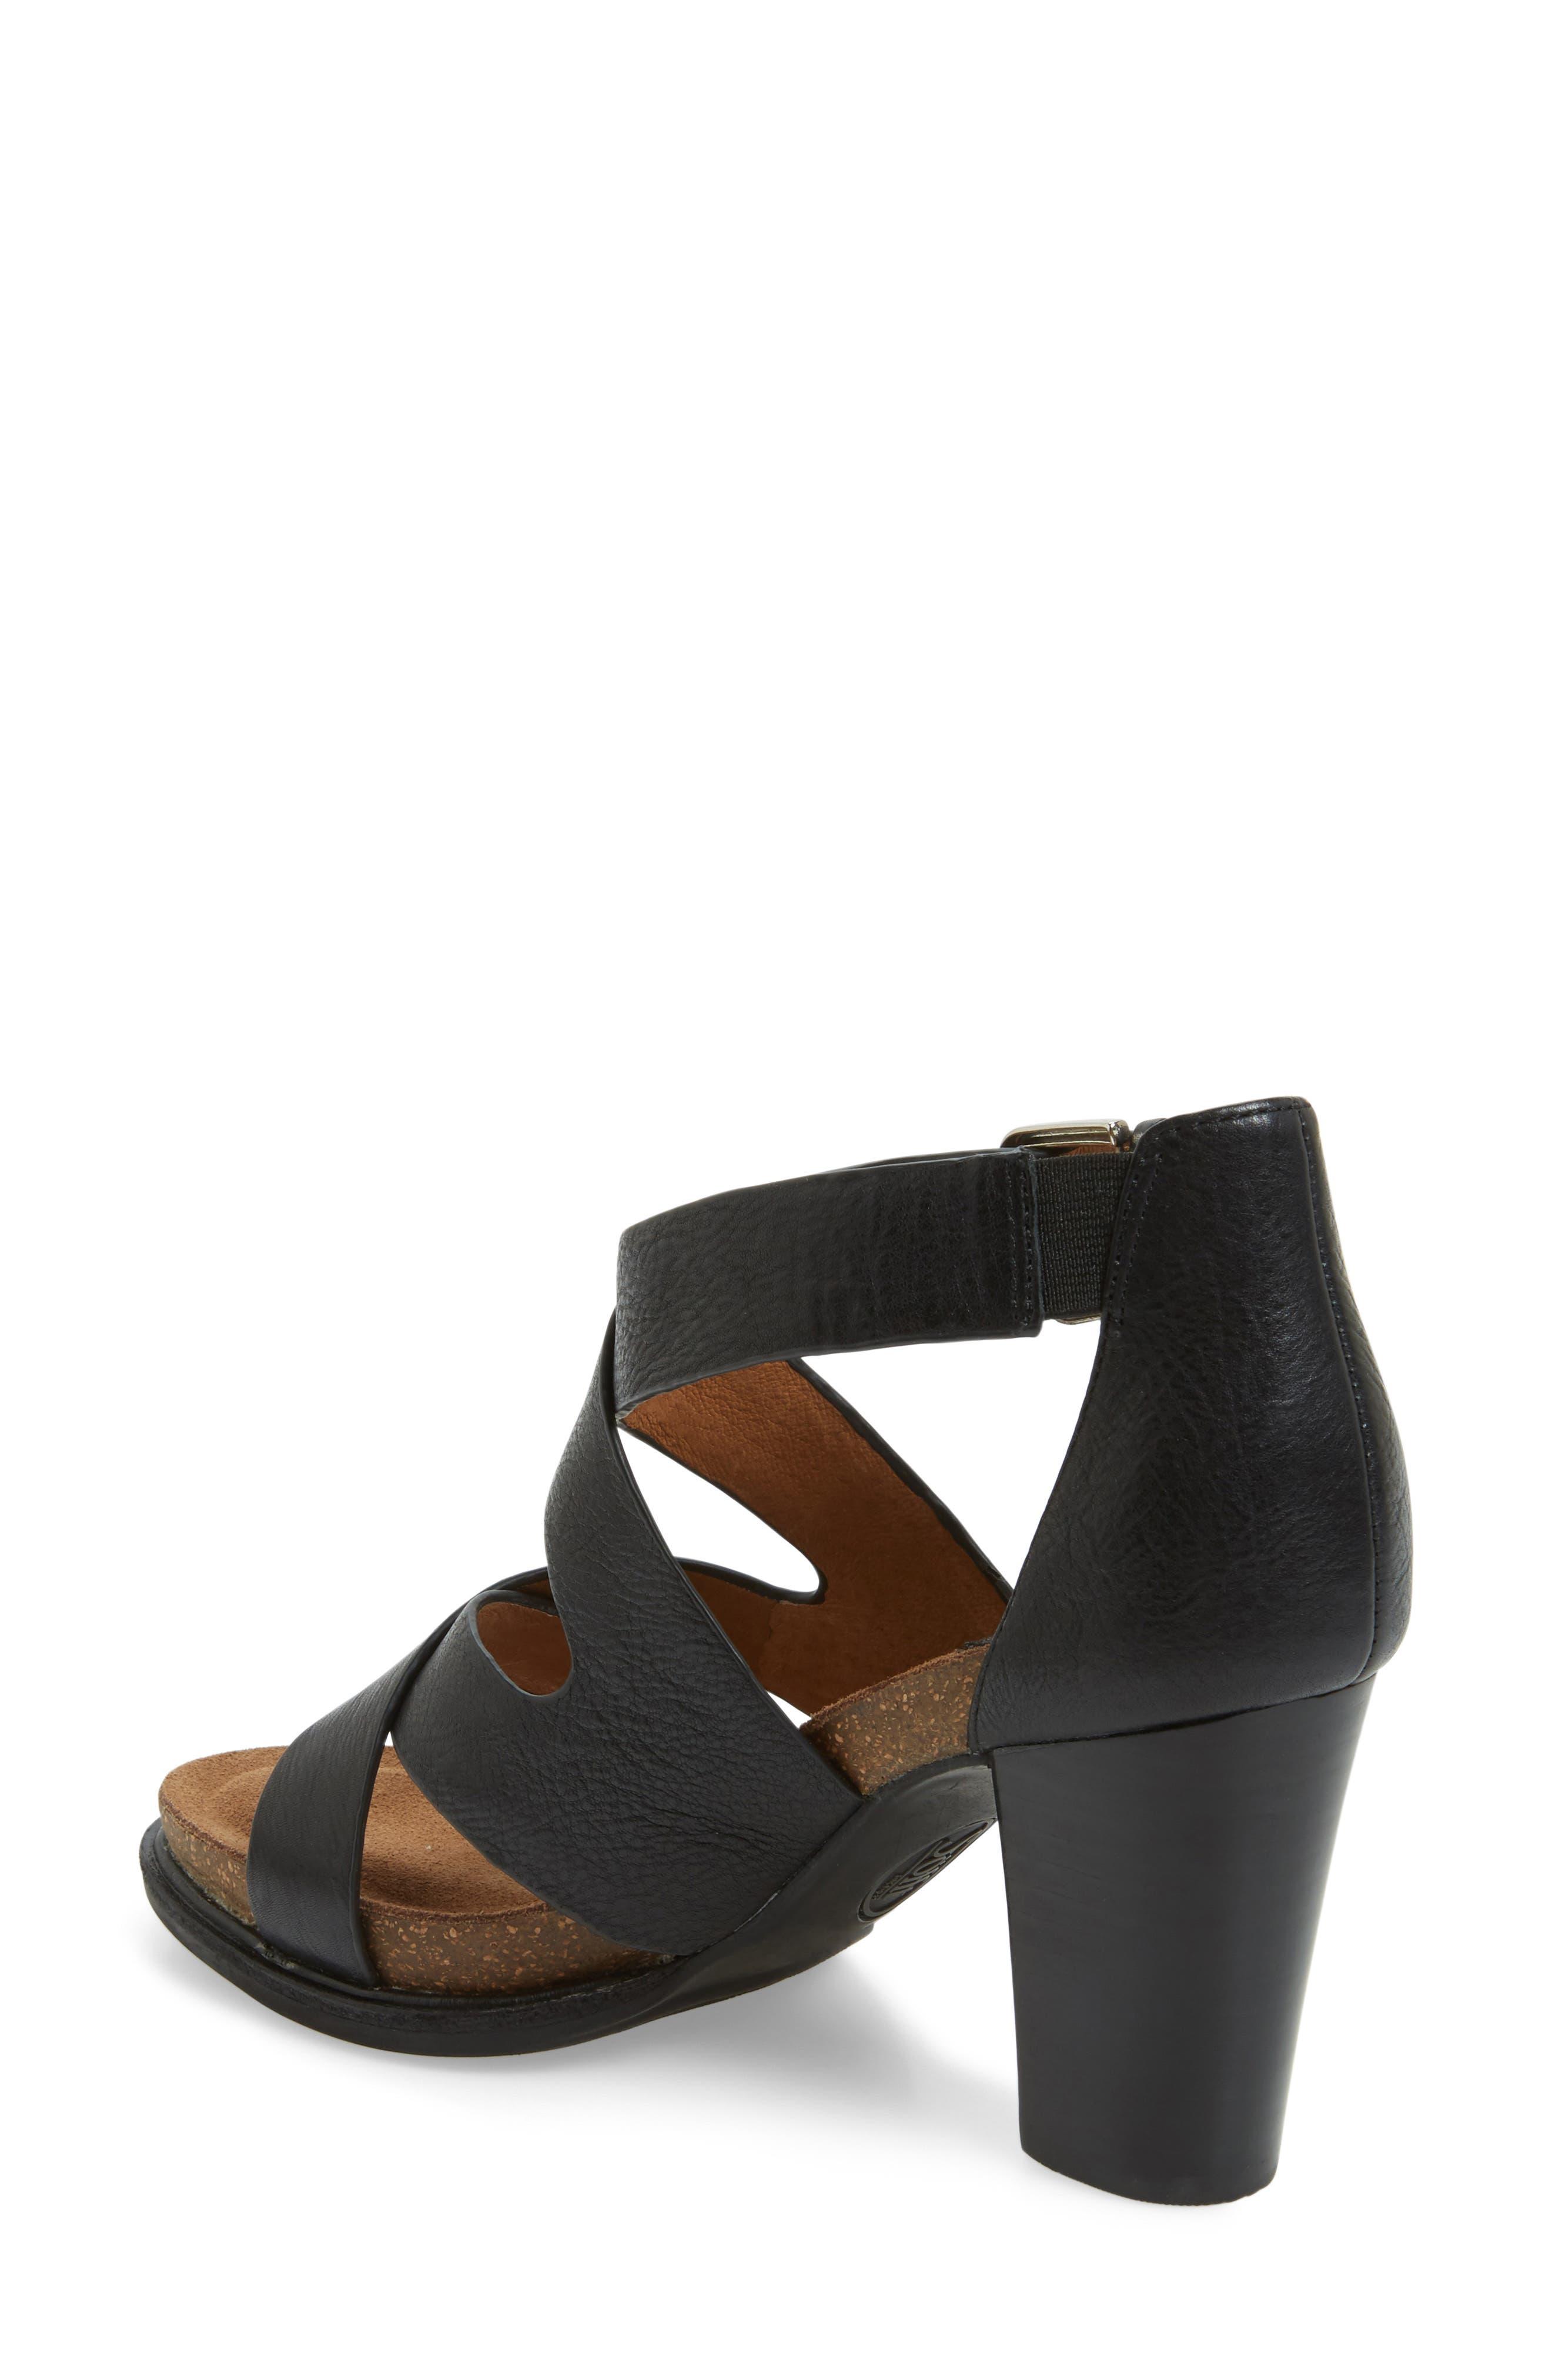 Canita Block Heel Sandal,                             Alternate thumbnail 2, color,                             001